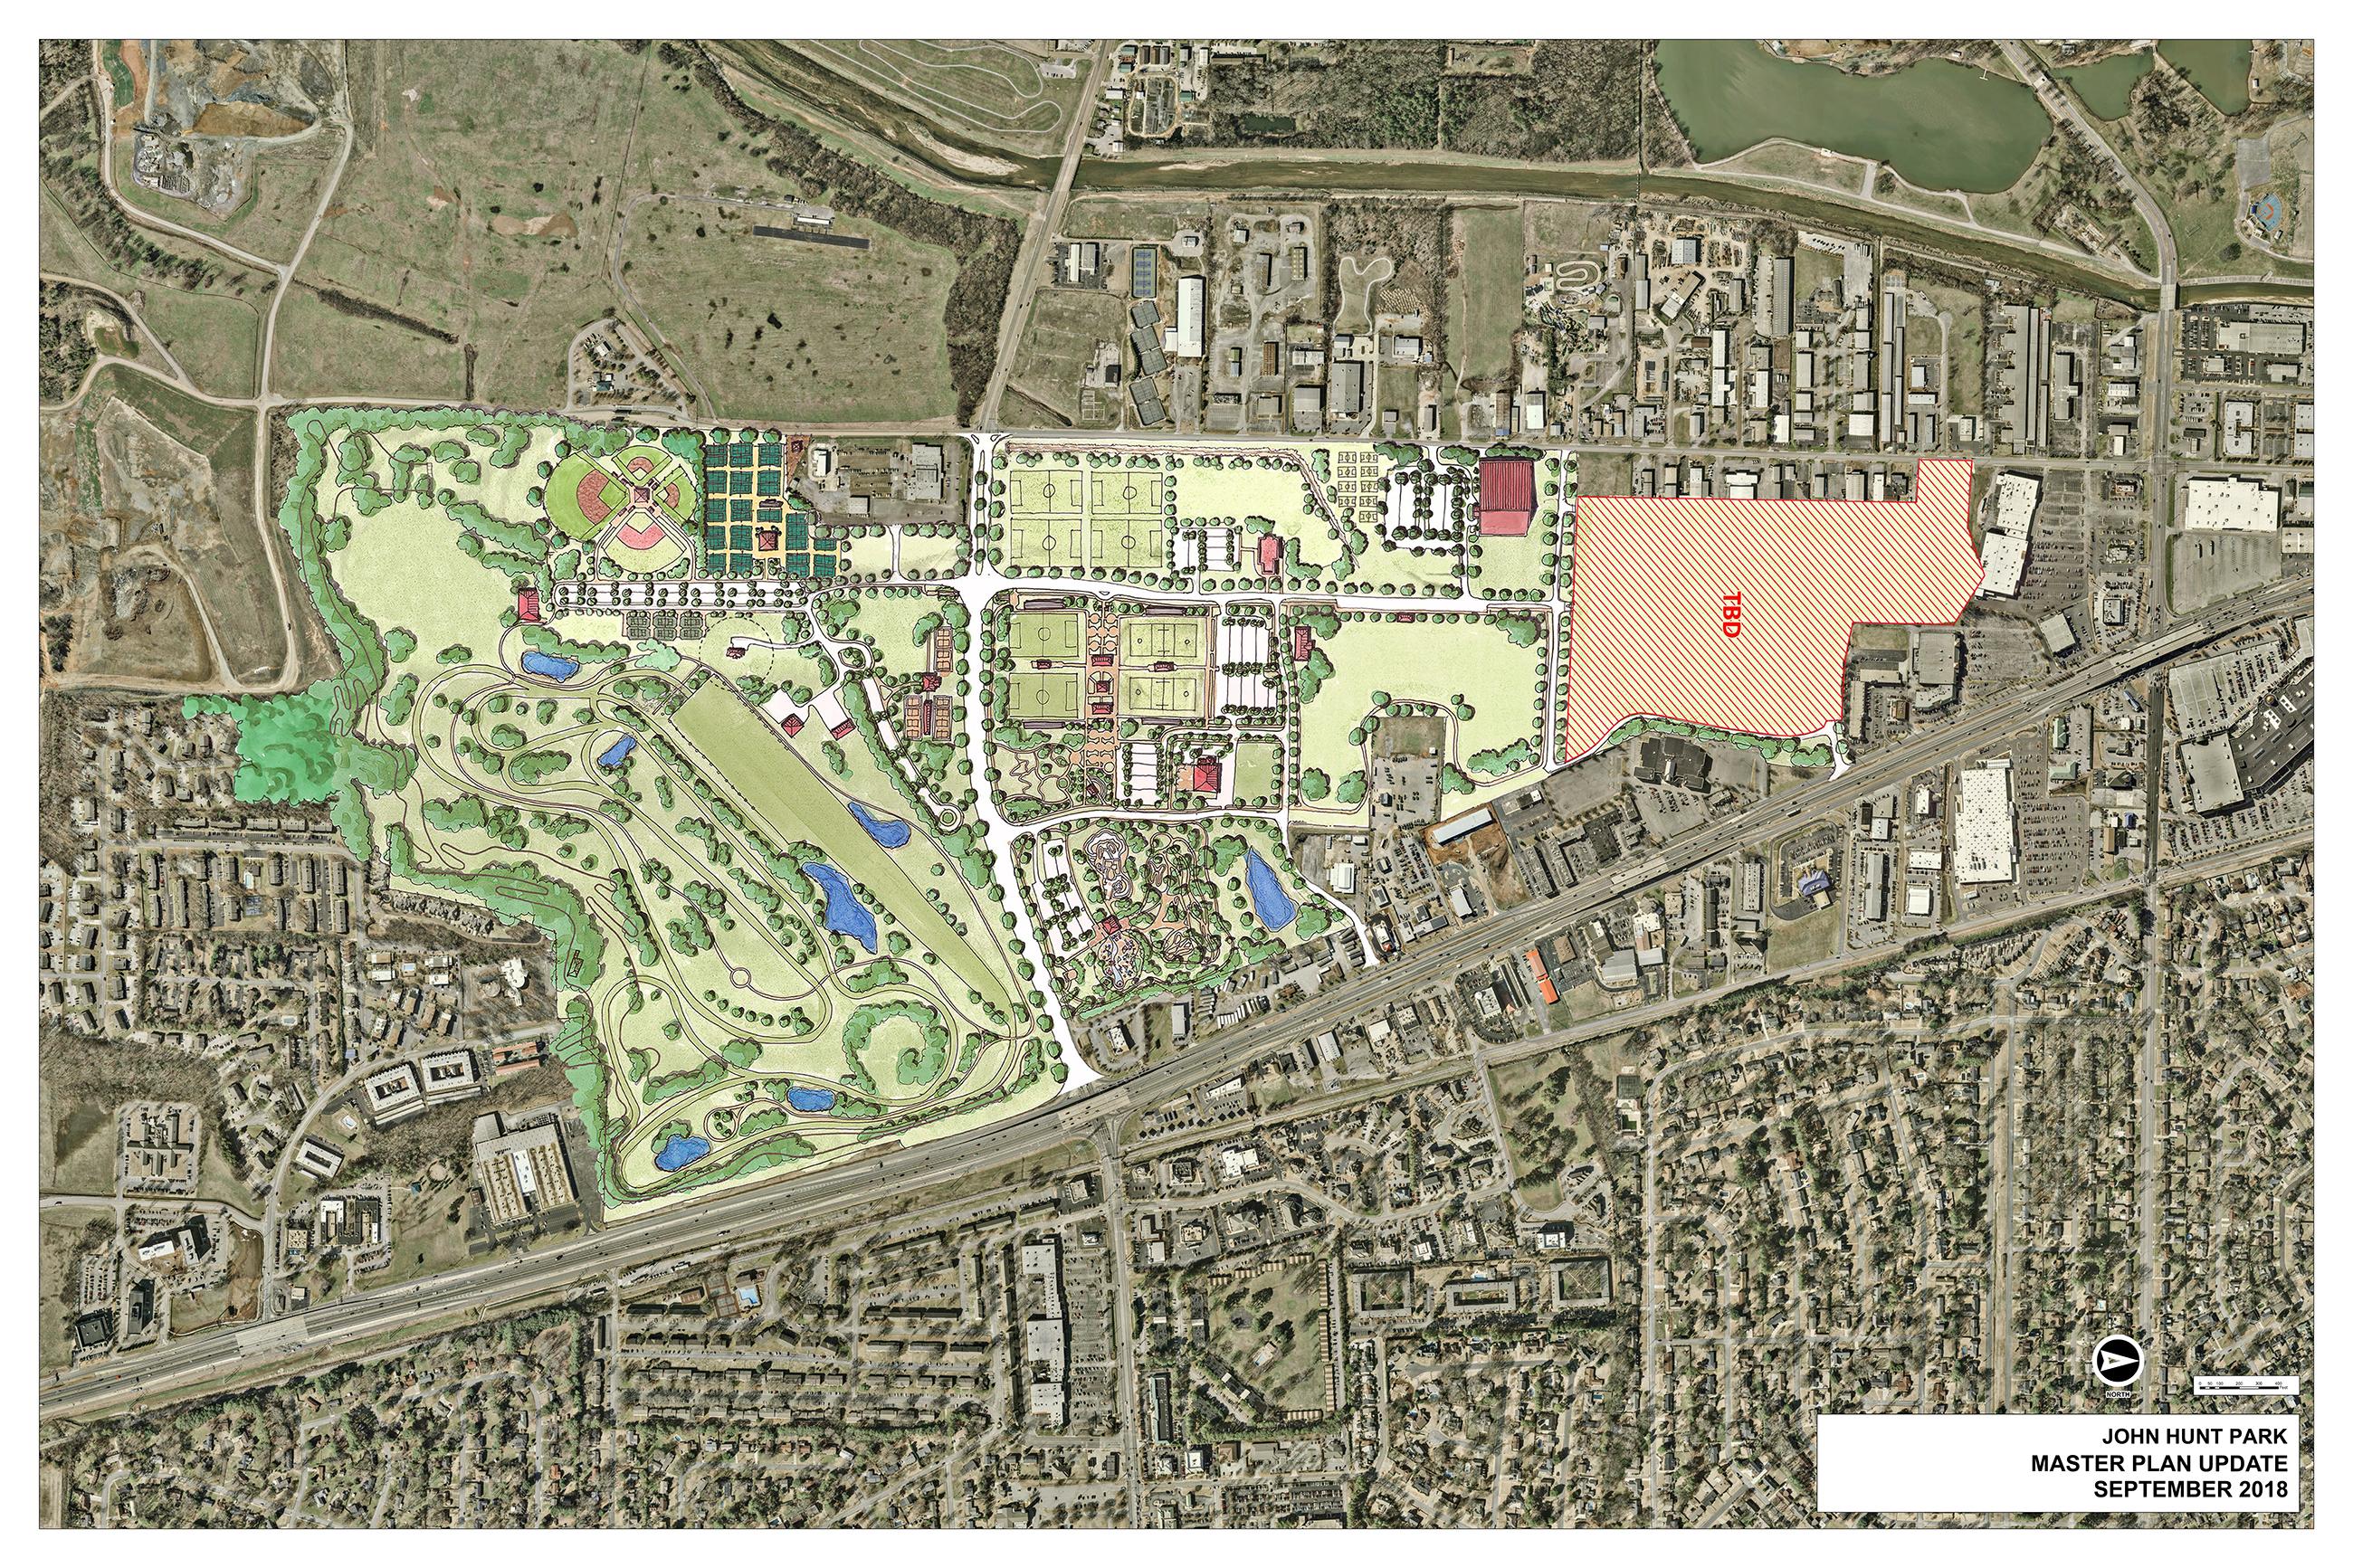 John Hunt Park Master Plan